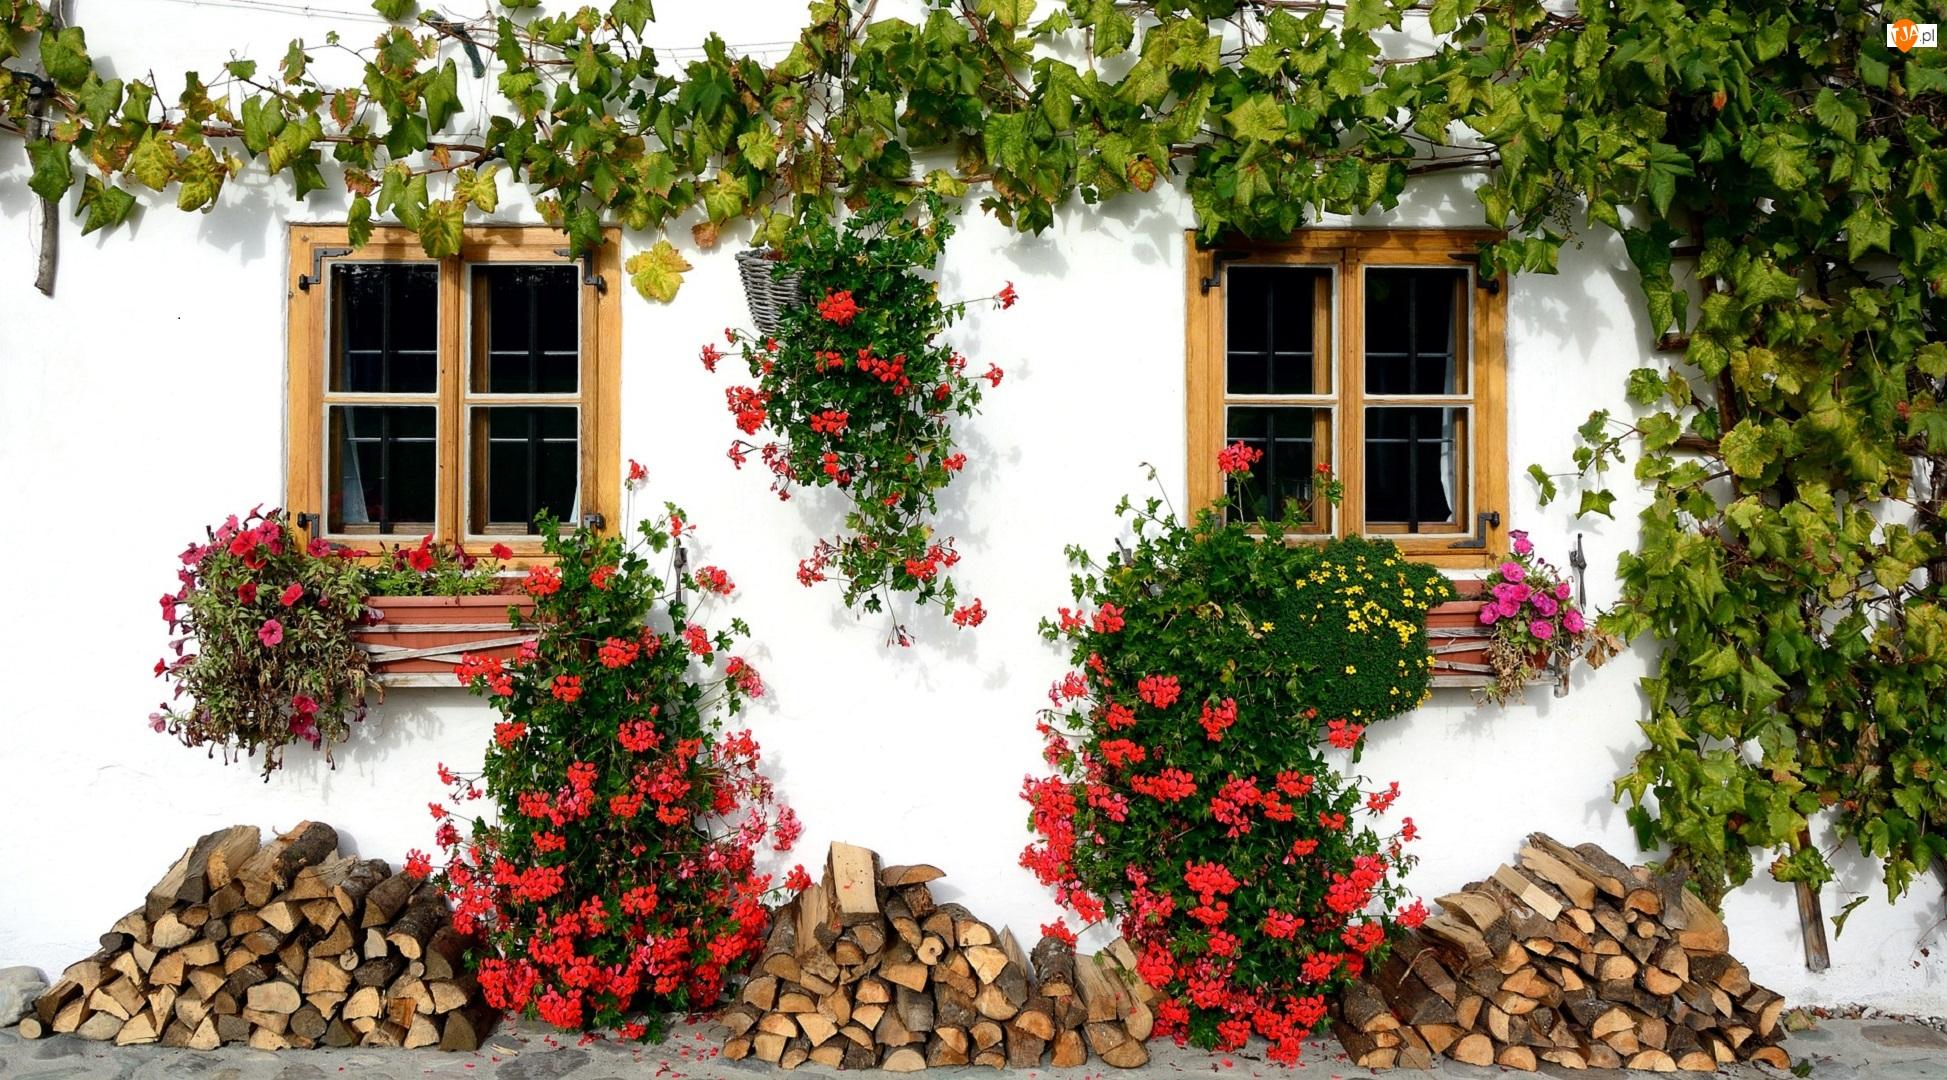 Dom, Okna, Drewno, Biały, Bluszcz, Pelargonie, Kwiaty